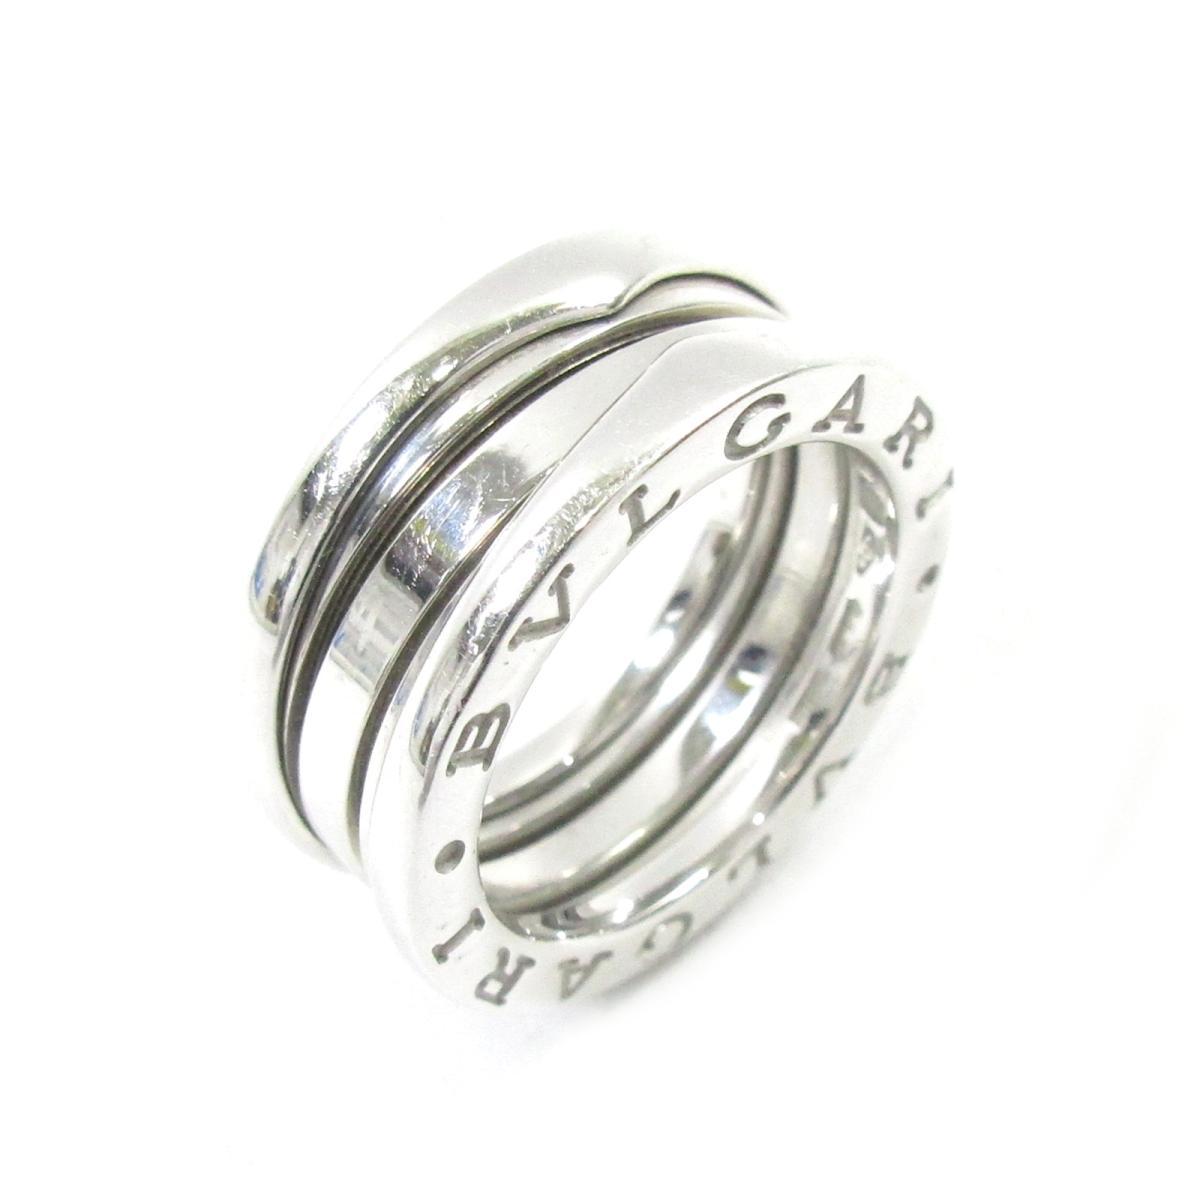 【中古】 ブルガリ B-zero1 リング 指輪 レディース K18WG (750) ホワイトゴールド シルバー   BVLGARI BRANDOFF ブランドオフ ブランド ジュエリー アクセサリー